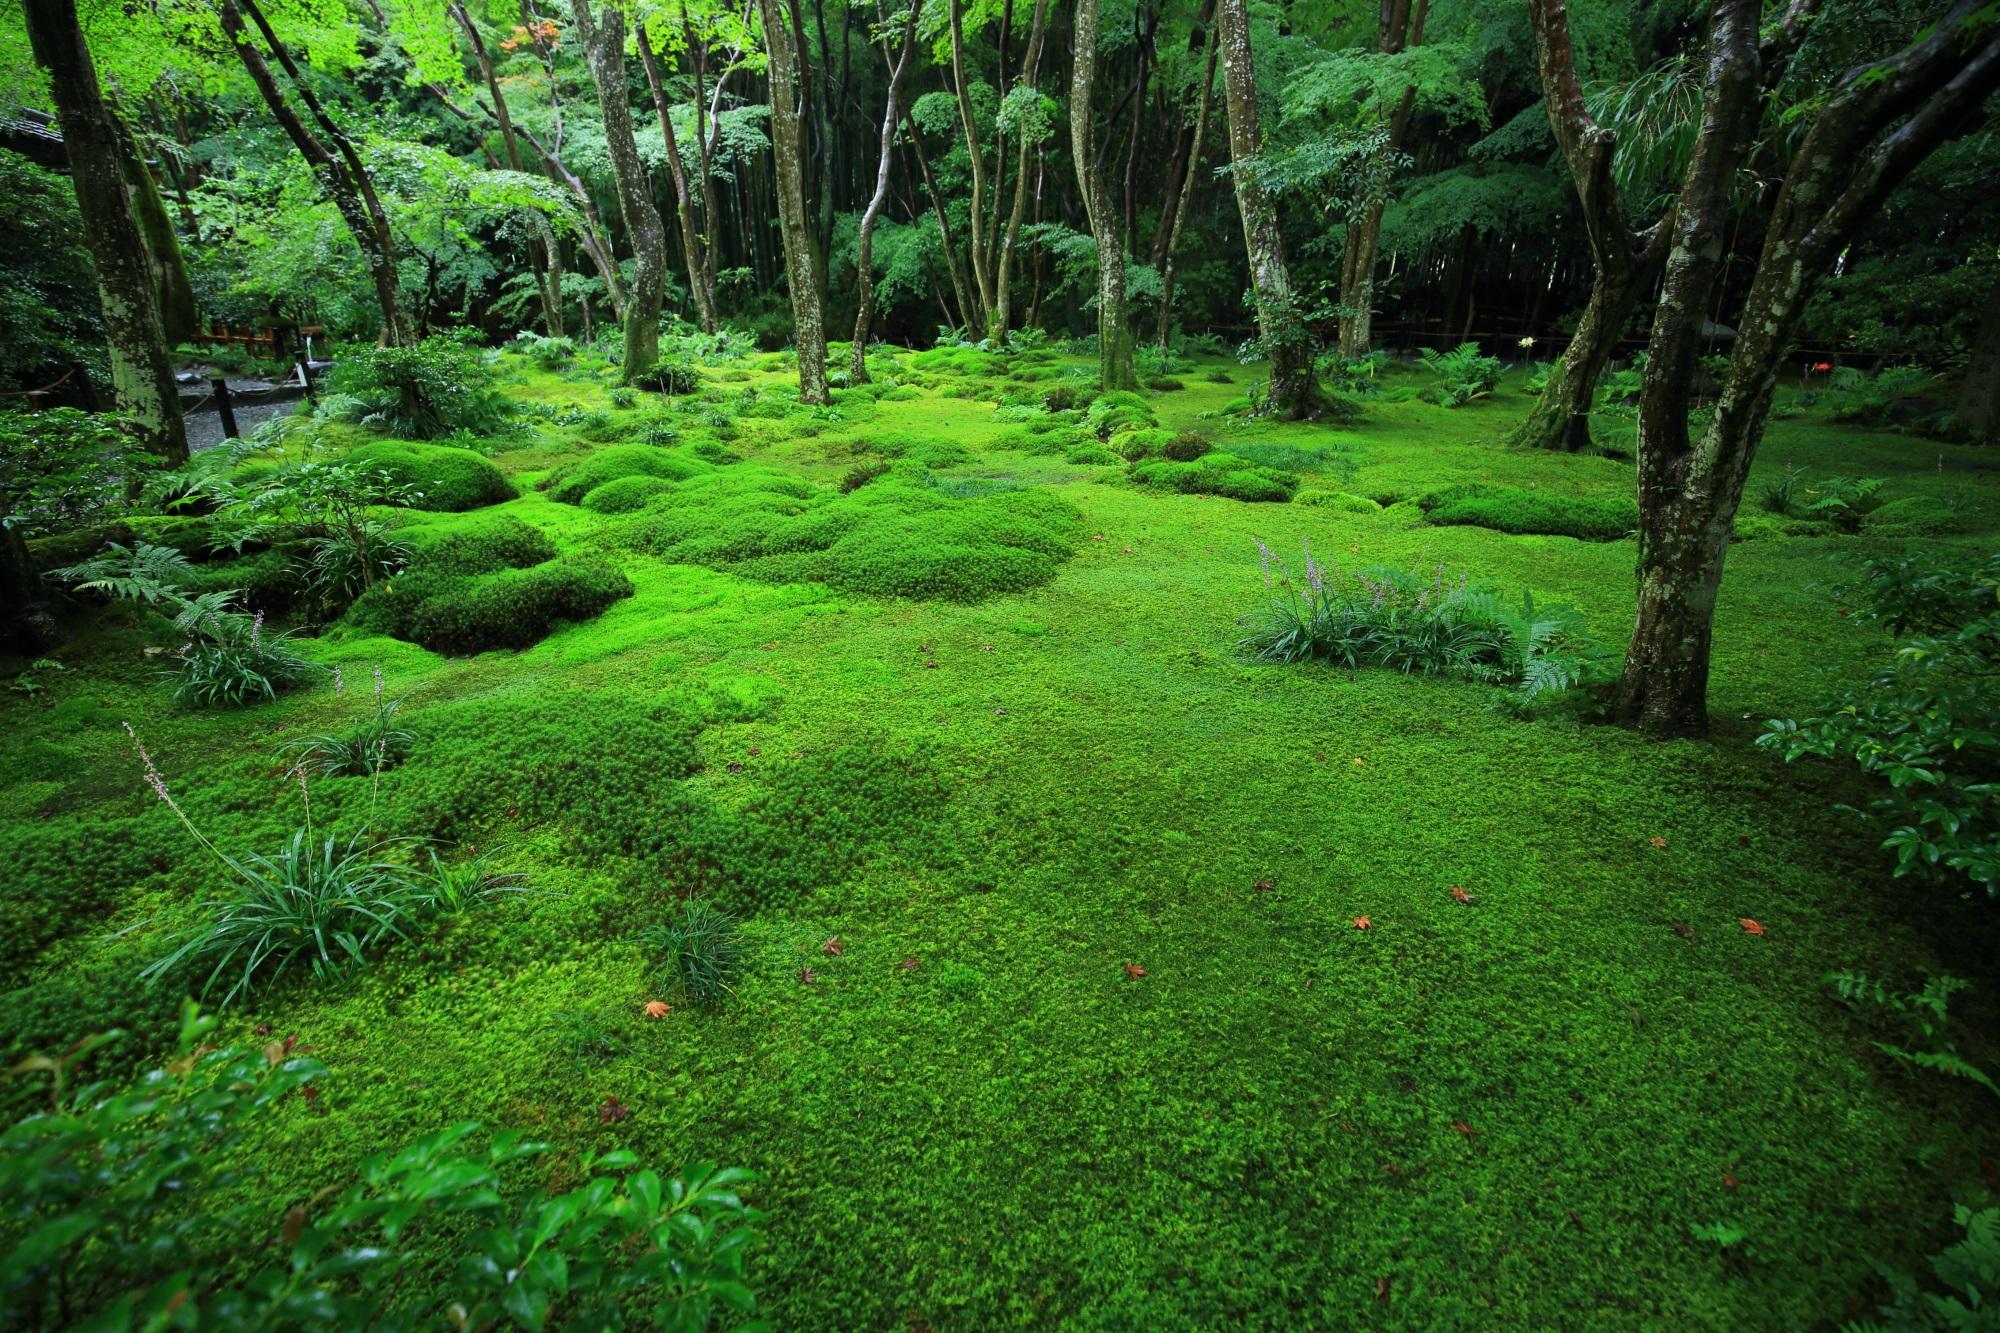 一種類一色の苔ではなく多種多彩な苔に包まれる苔庭